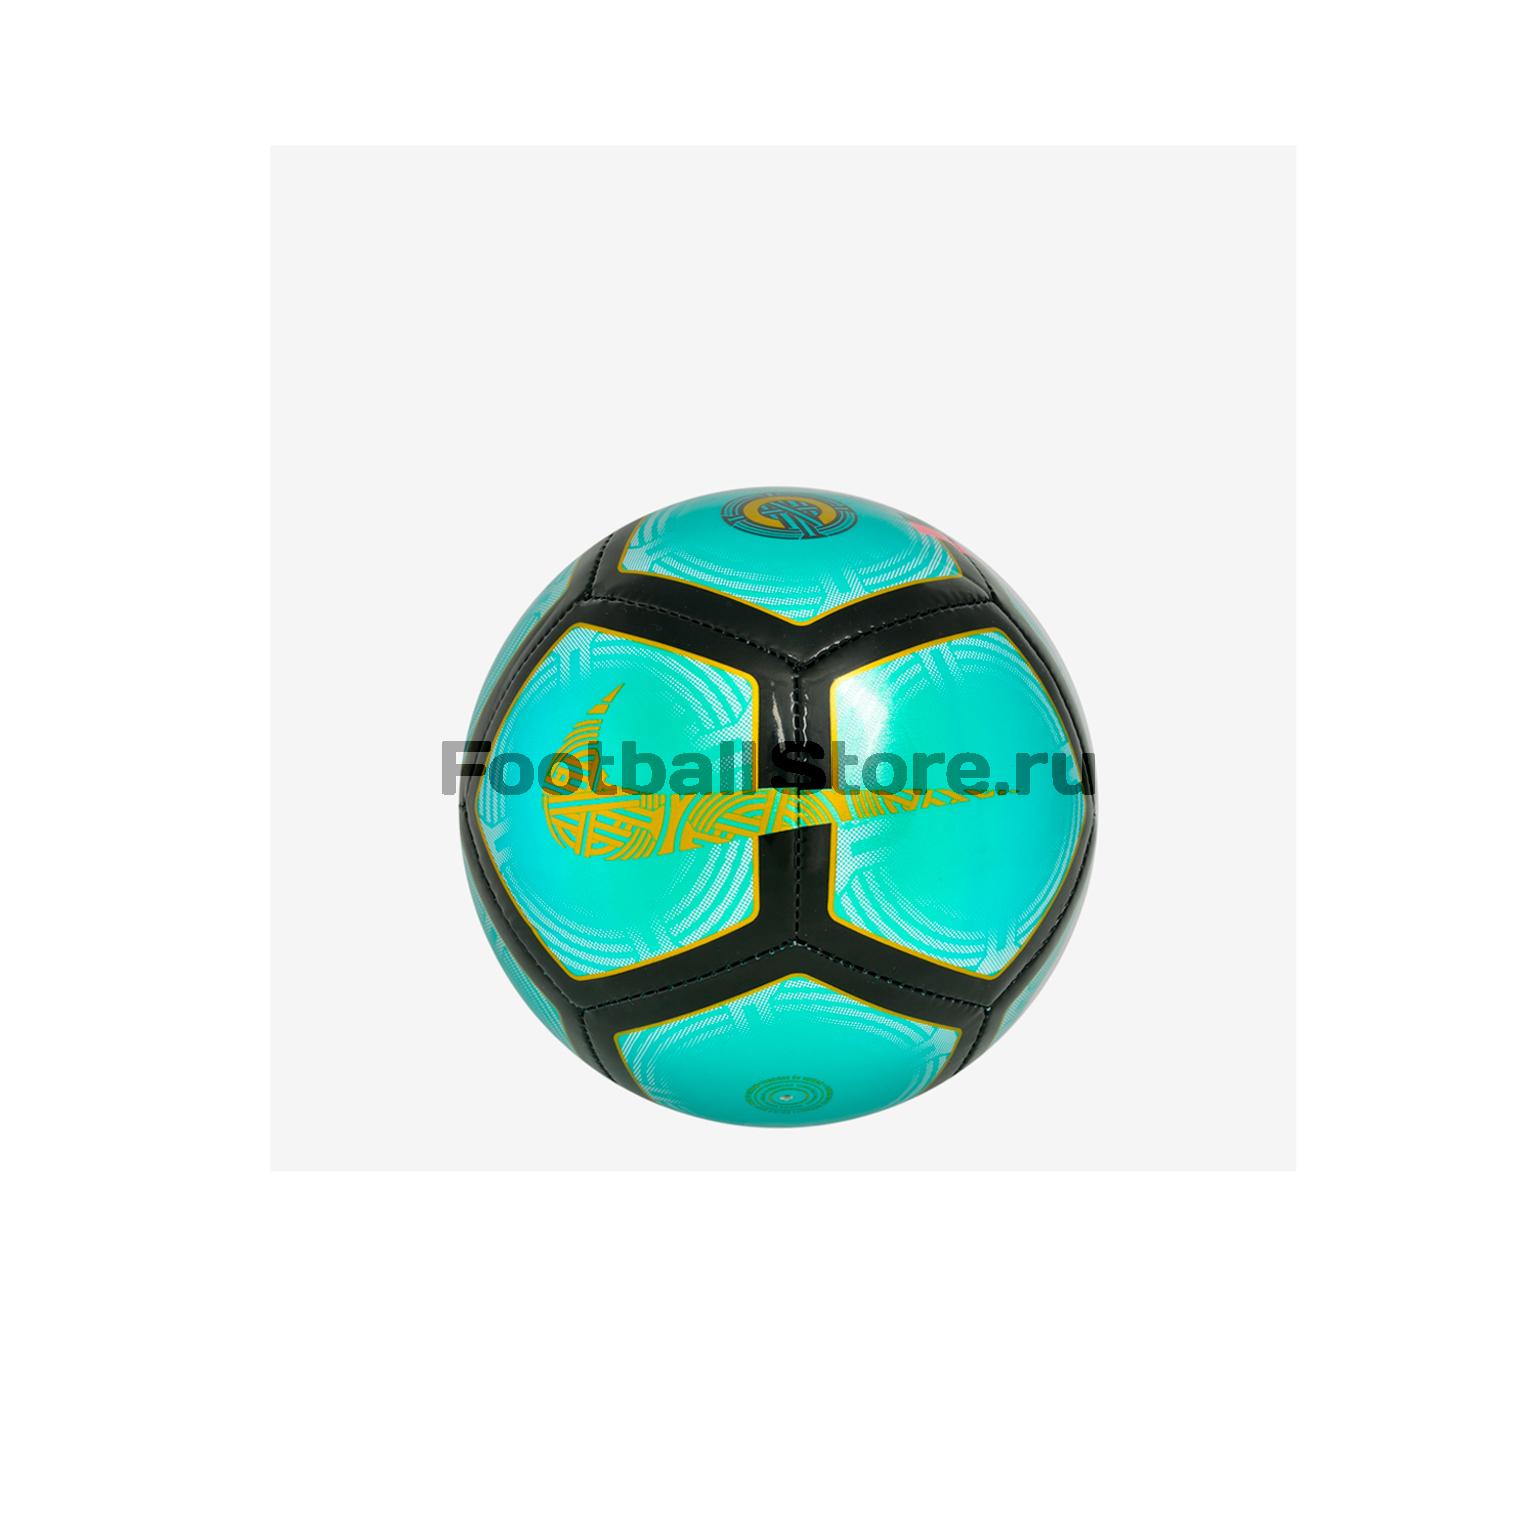 Футбольный мяч сувенирный Nike CR7 Skills SC3591-321 цена